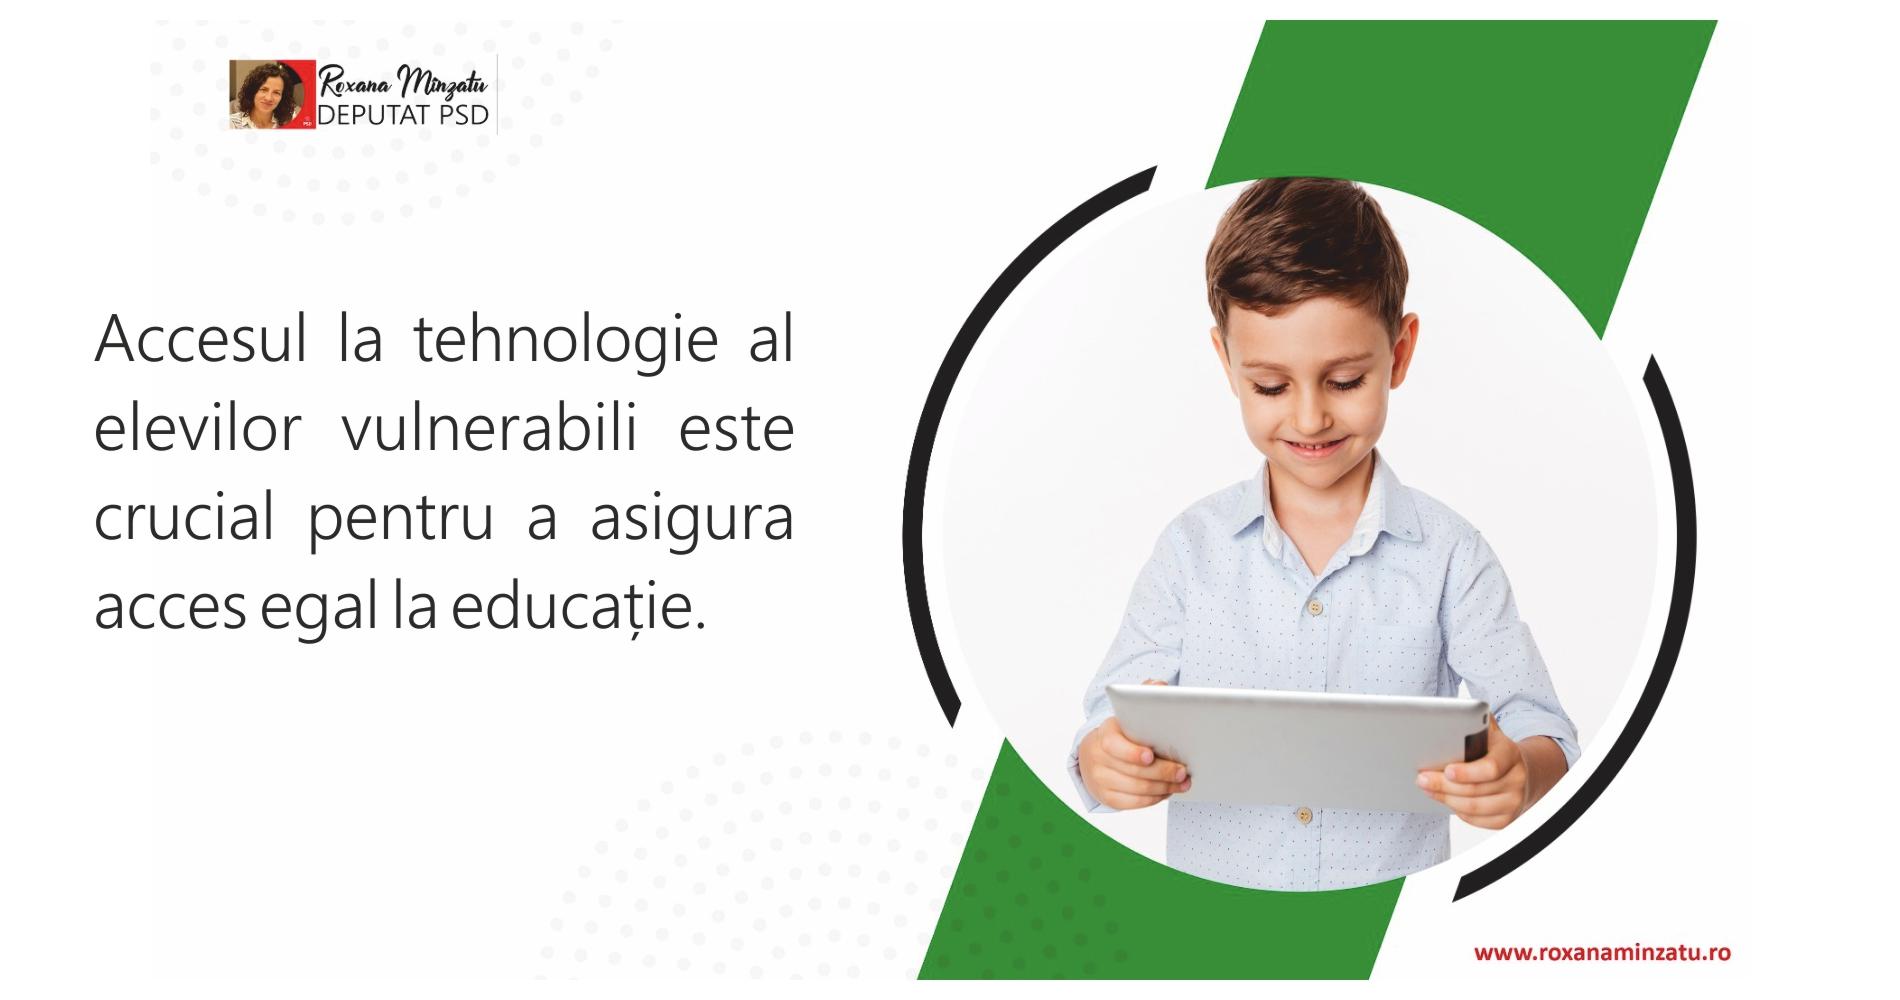 Accesul la tehnologie al elevilor vulnerabili este crucial pentru a asigura acces egal la educație